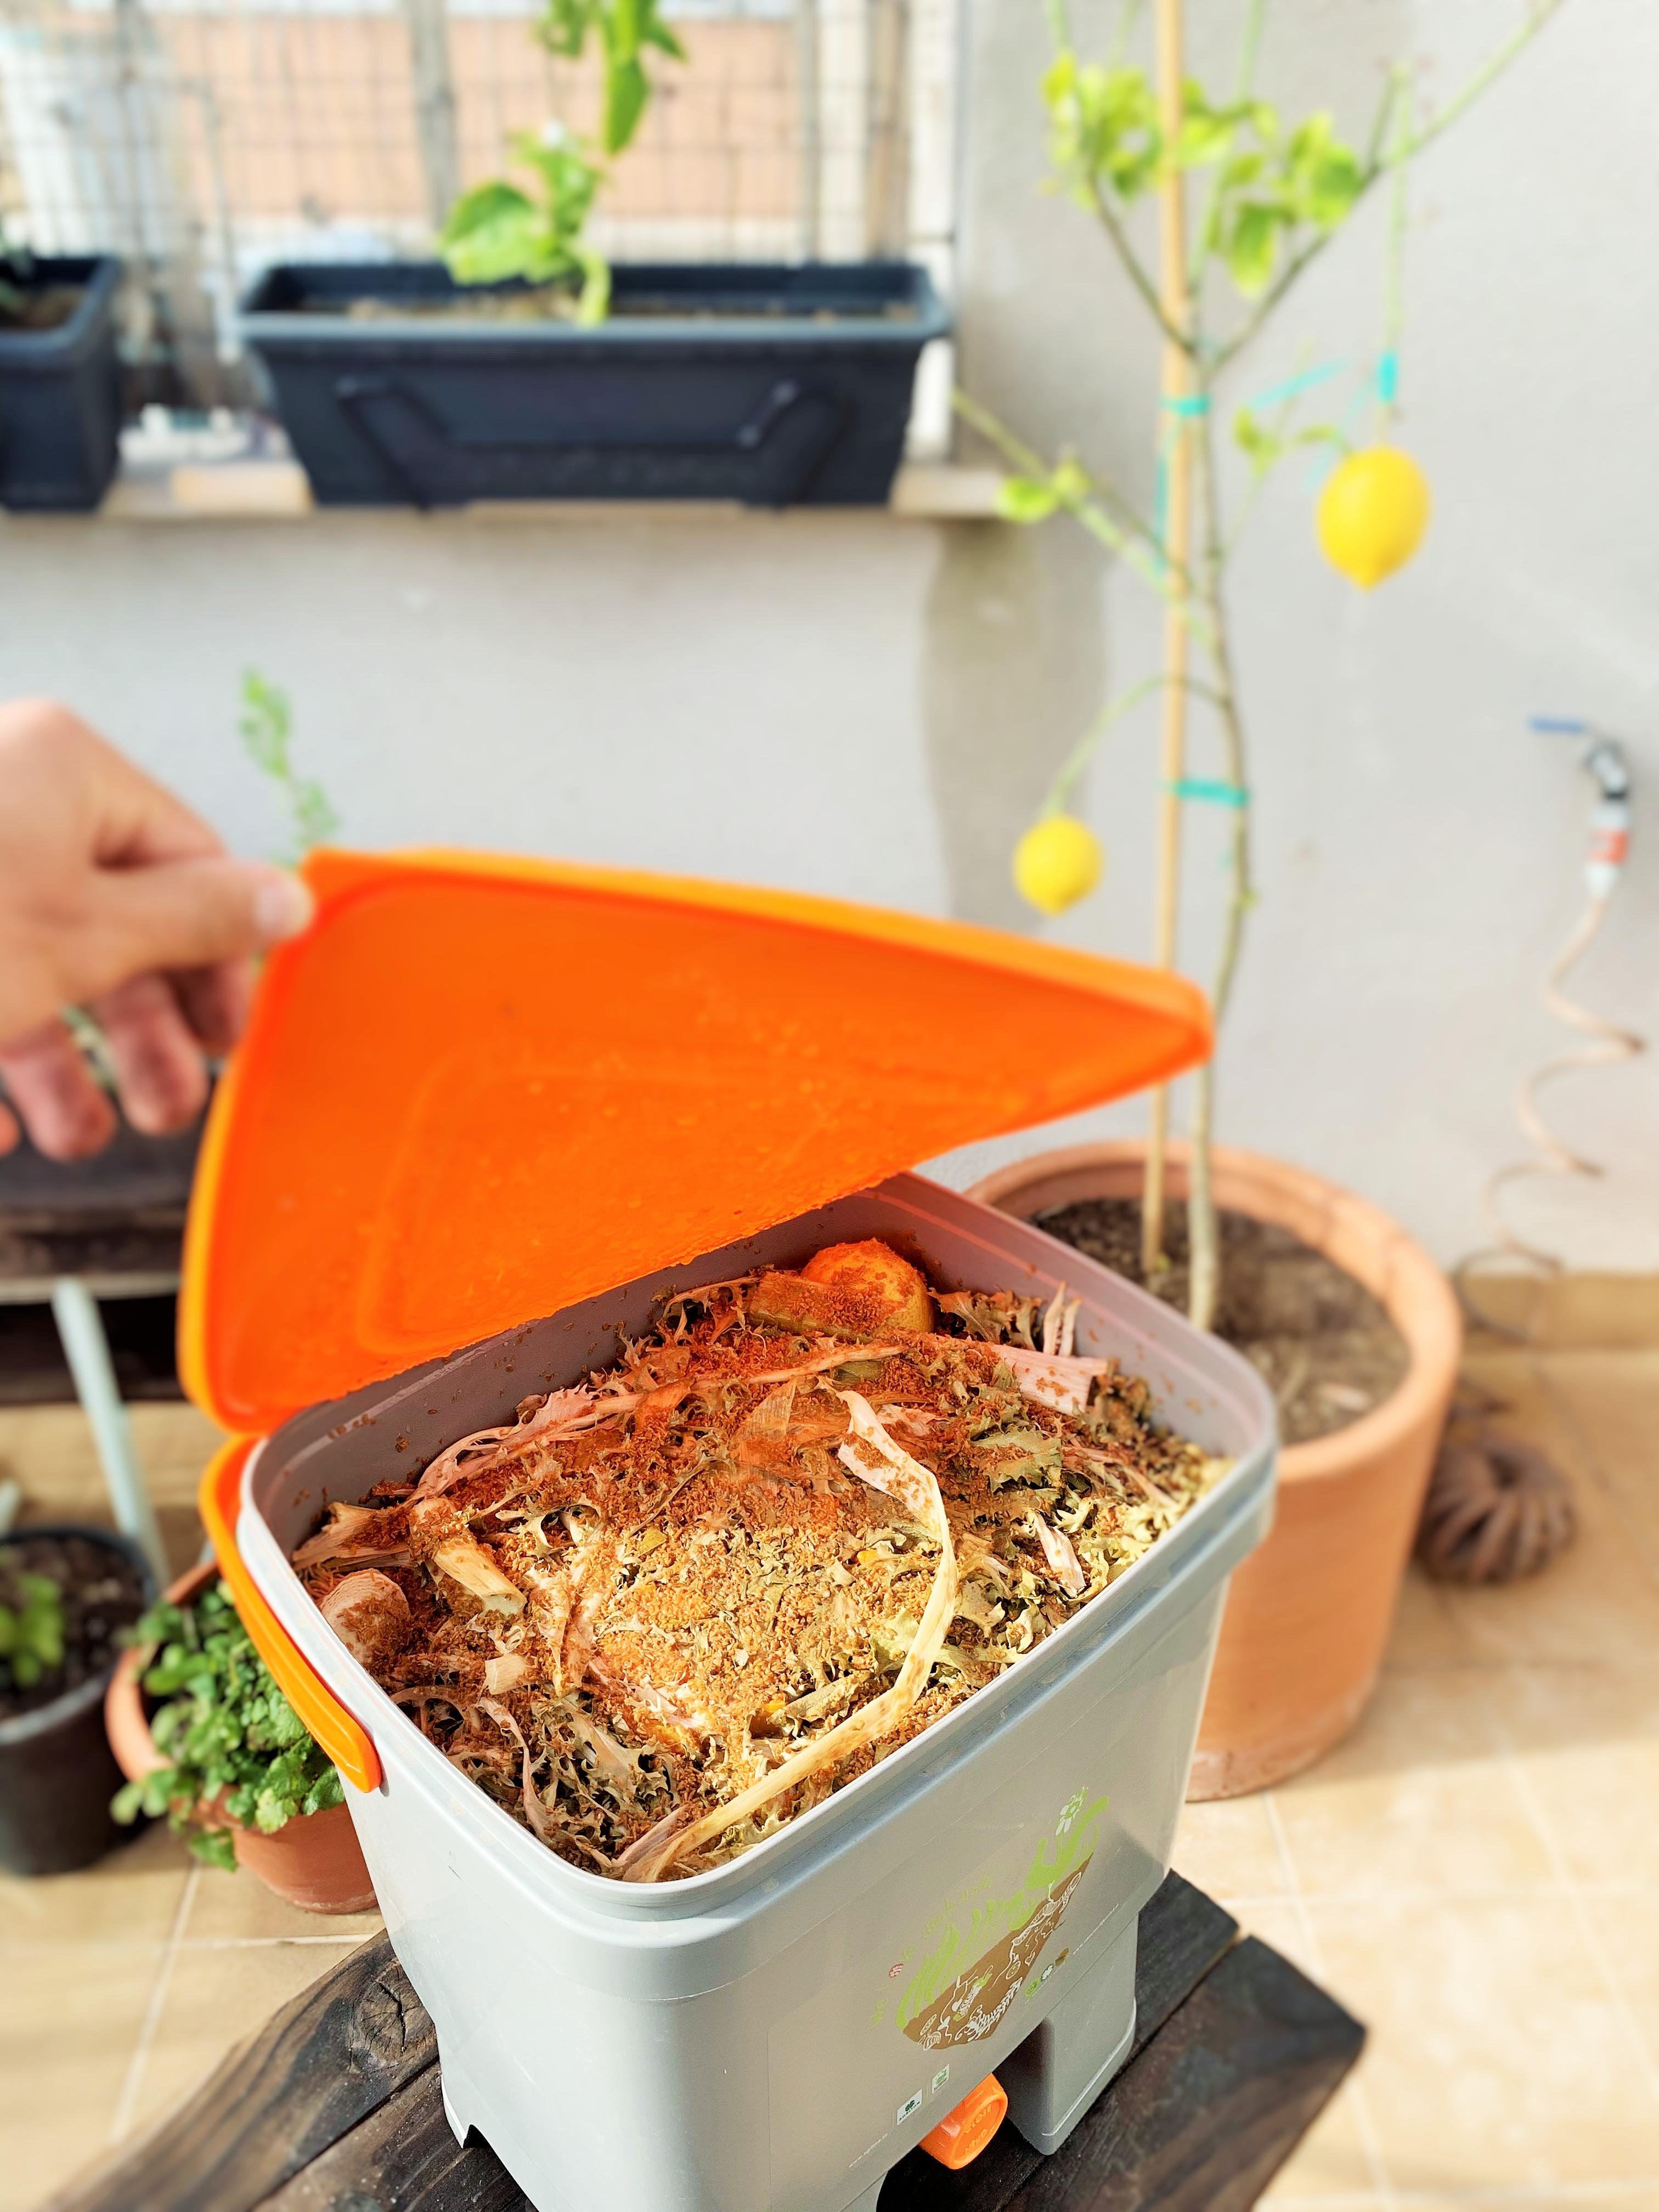 Seau Bokashi. Compostage de cuisine. Les déchets sont une ressource.